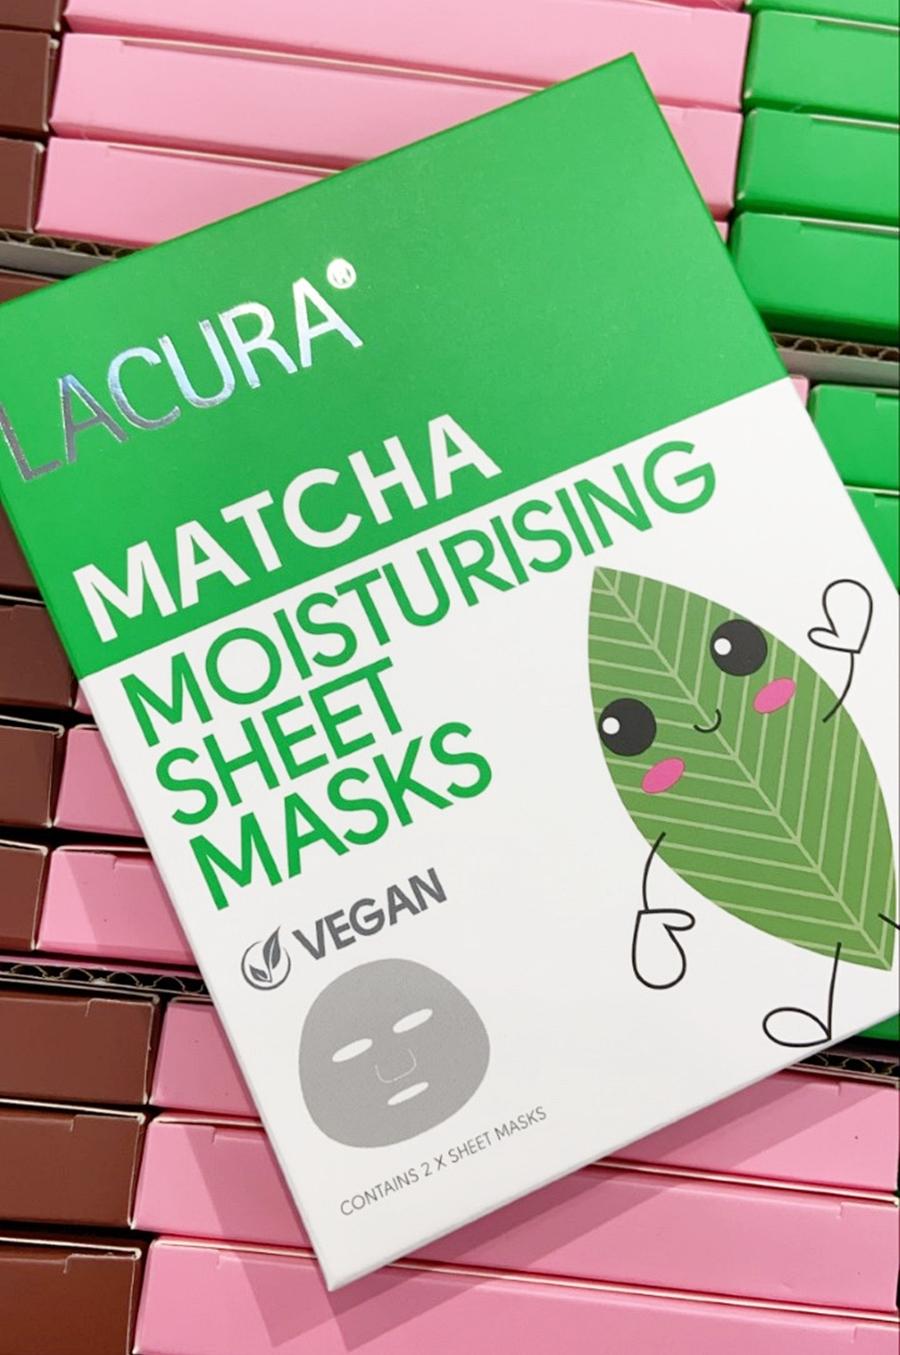 Aldi Lacura Skincare: What's New for 2020